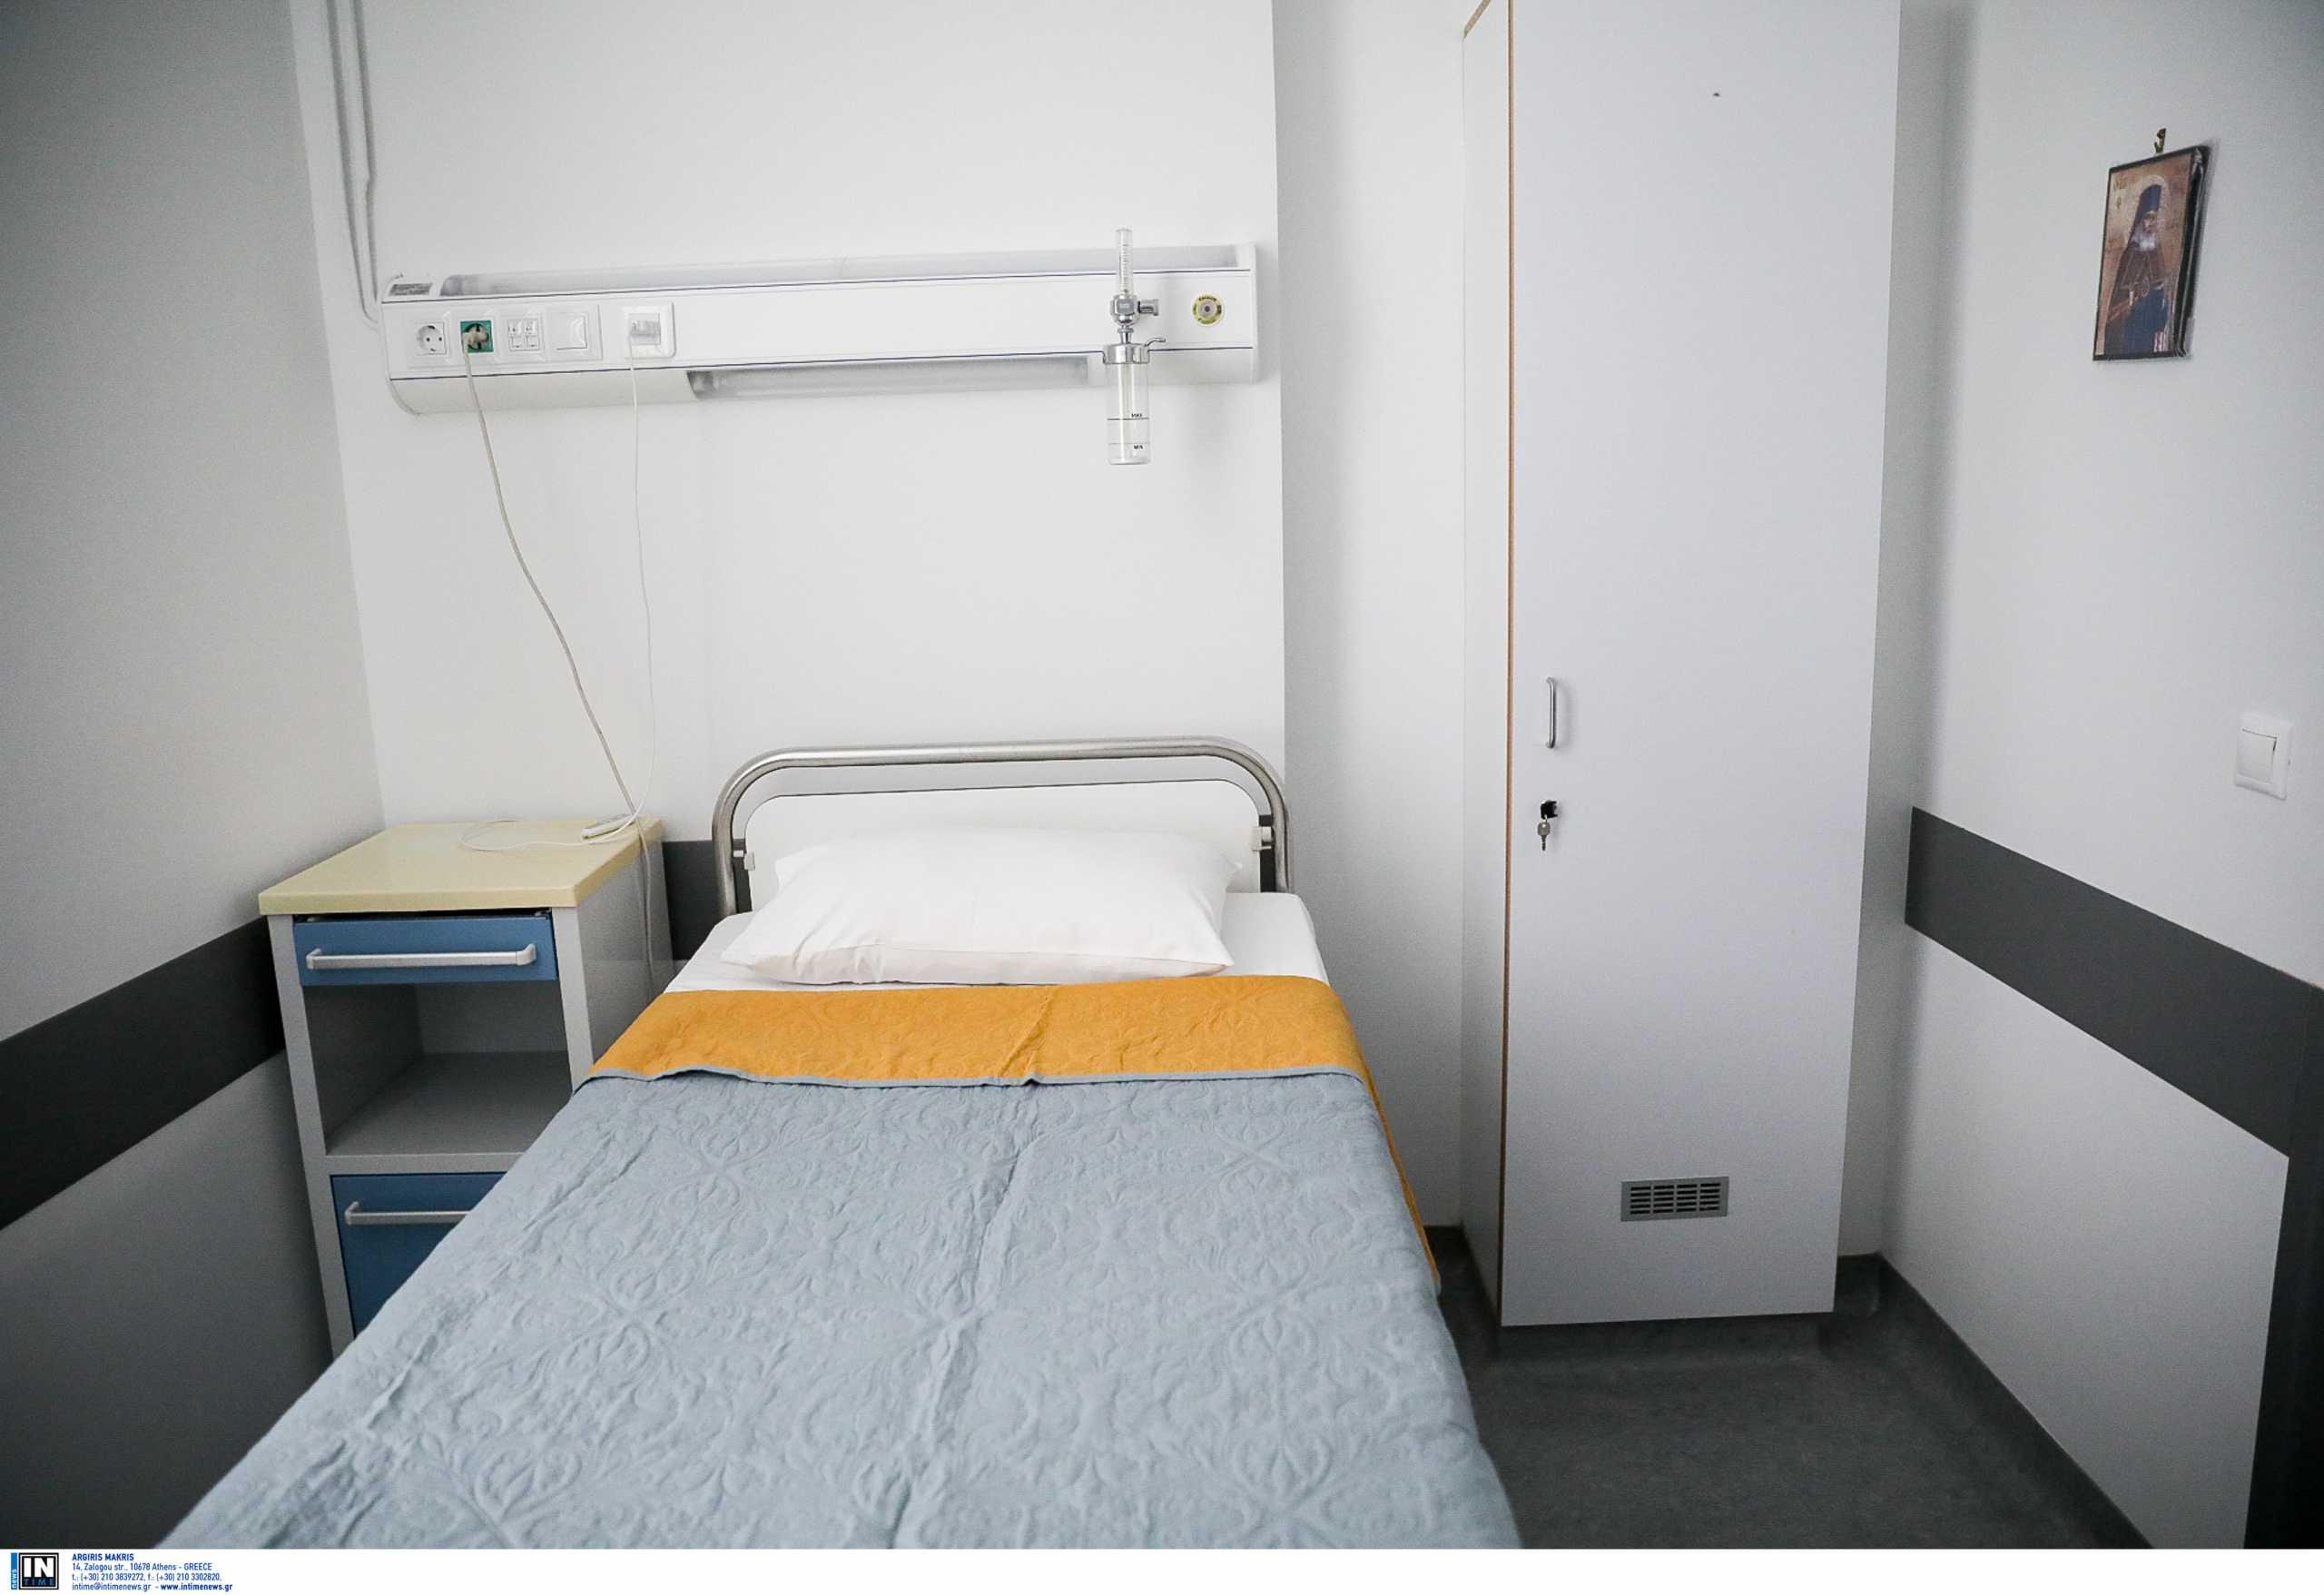 Κορονοϊός: Αυτός είναι ο σχεδιασμός του υπουργείου Υγείας για την κάλυψη των κενών του ΕΣΥ